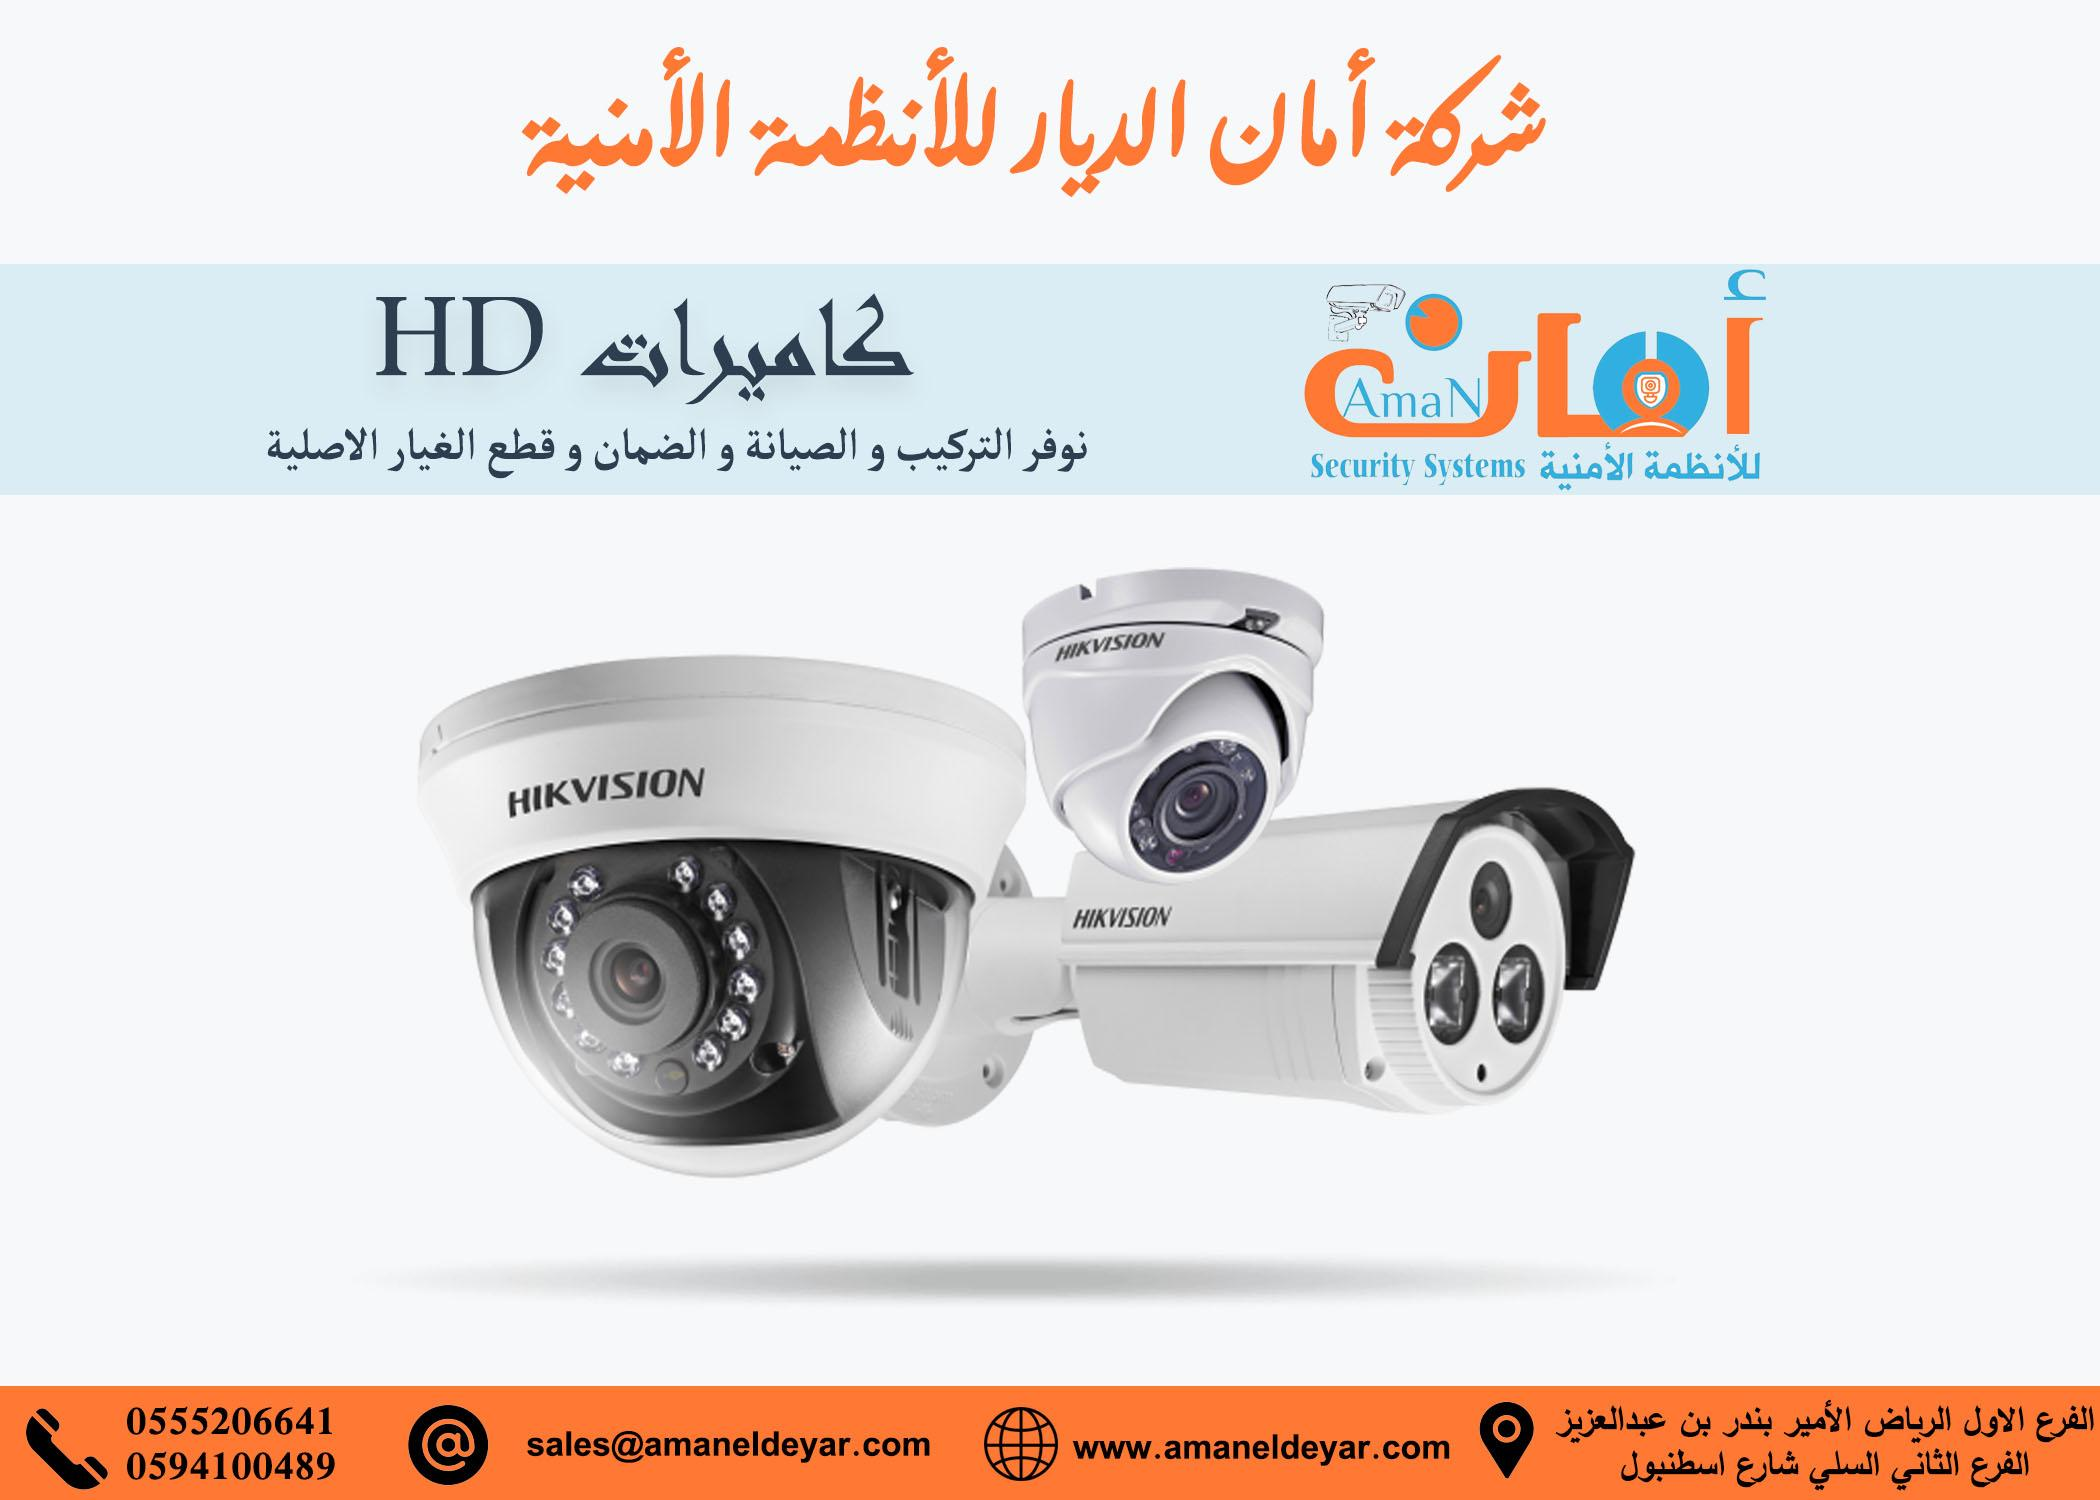 كاميرات مراقبة اتش دي HD من شركة أمان الديار 191100959